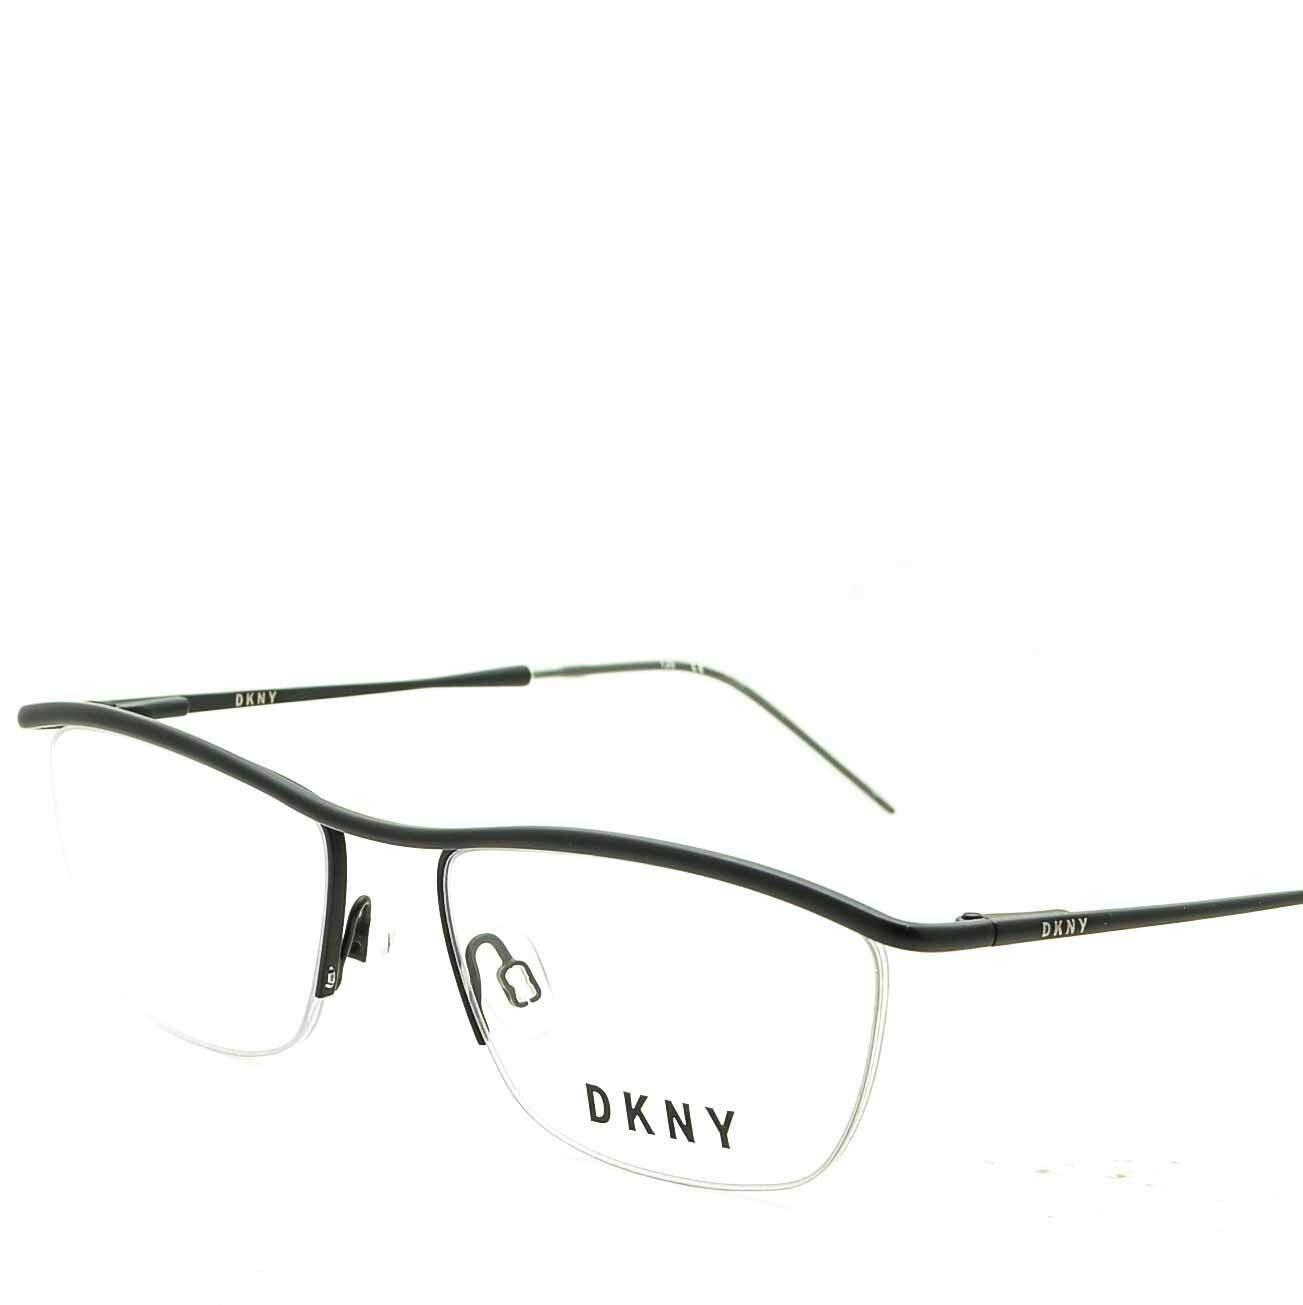 DKNY DK1014